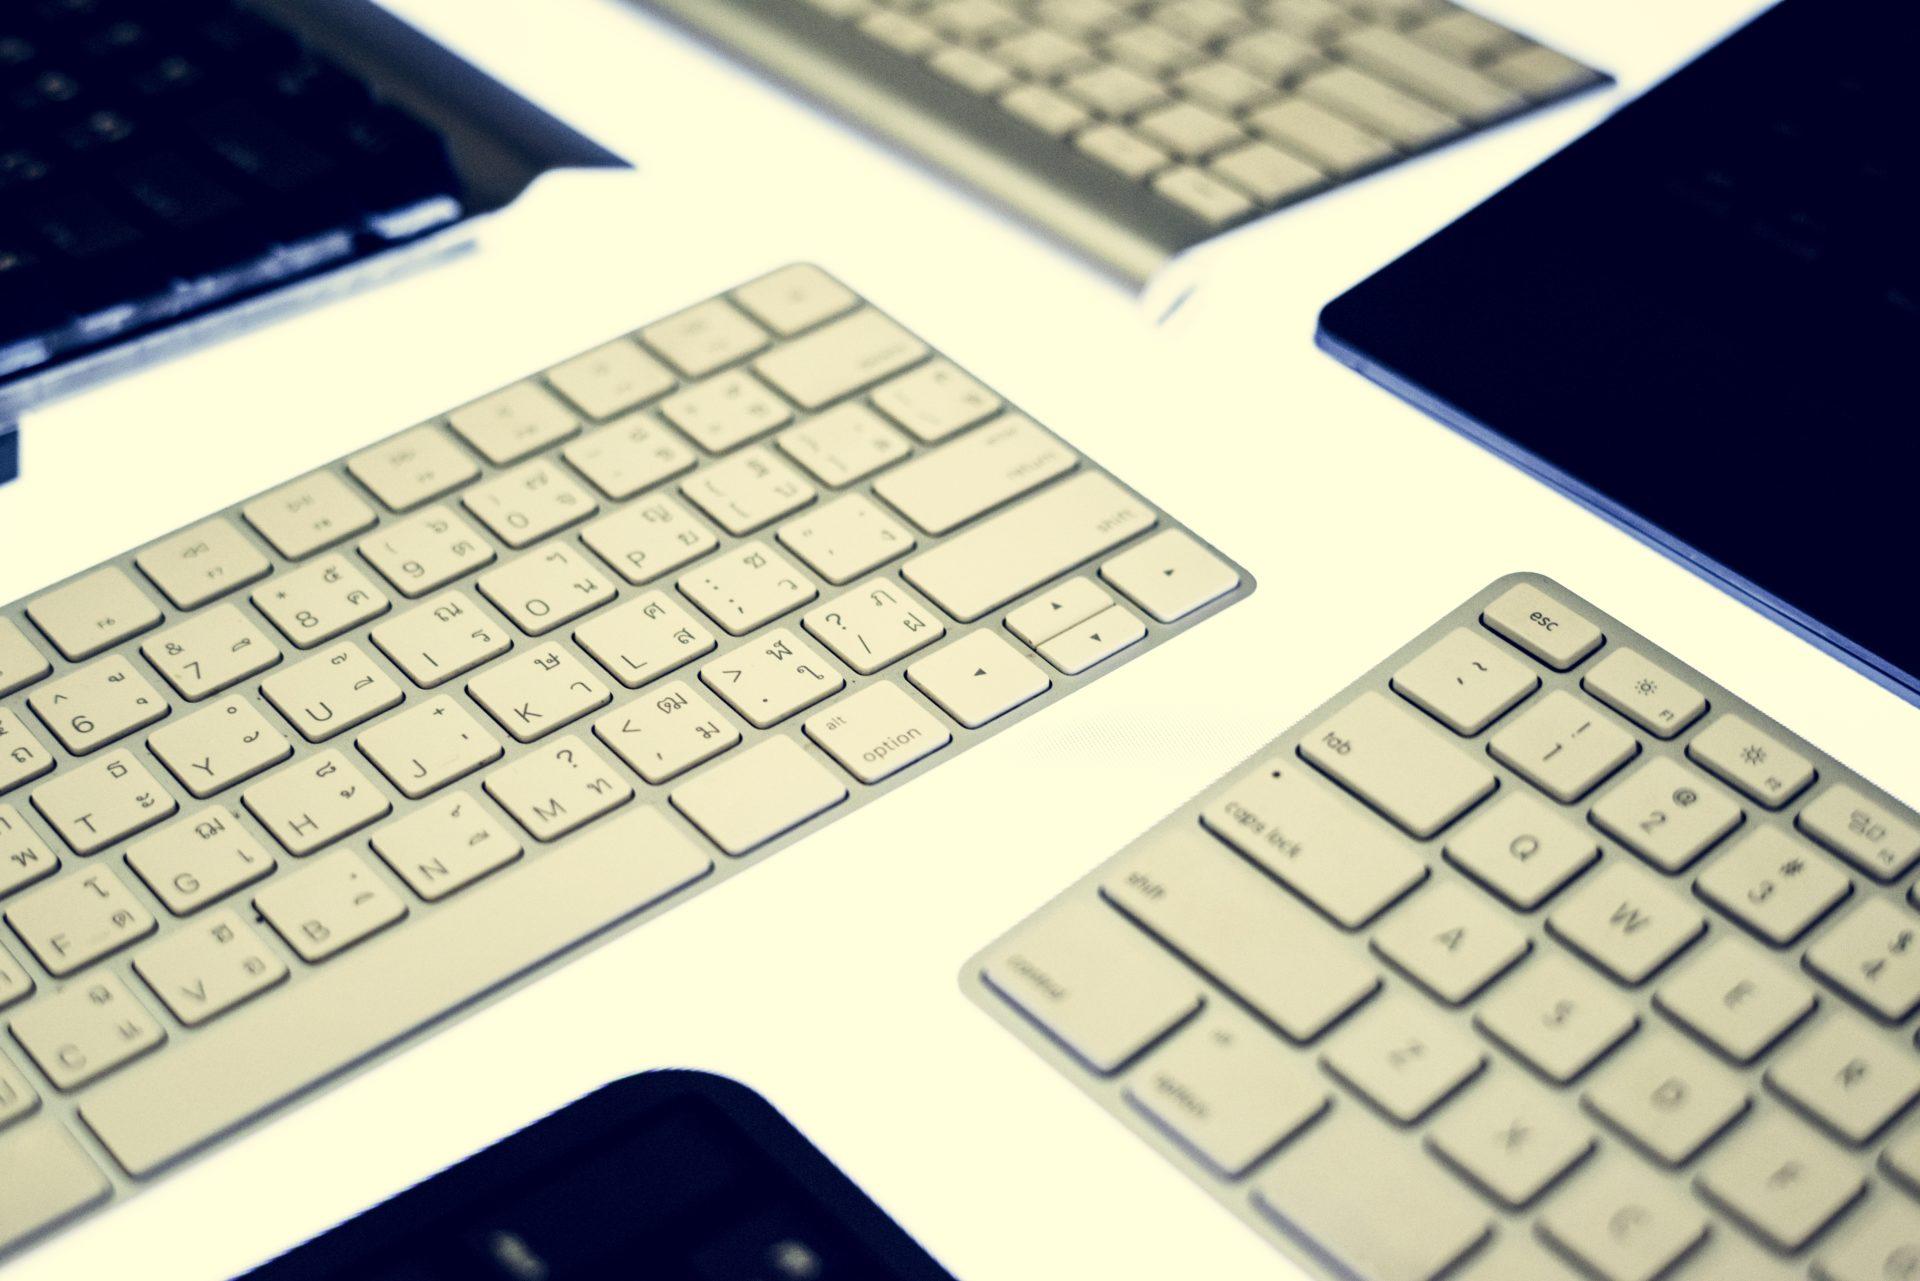 プログラミング開発には、英語配列のキーボードが圧倒的におすすめです。ここでは、その利点とREALFORCEの利点について紹介します。